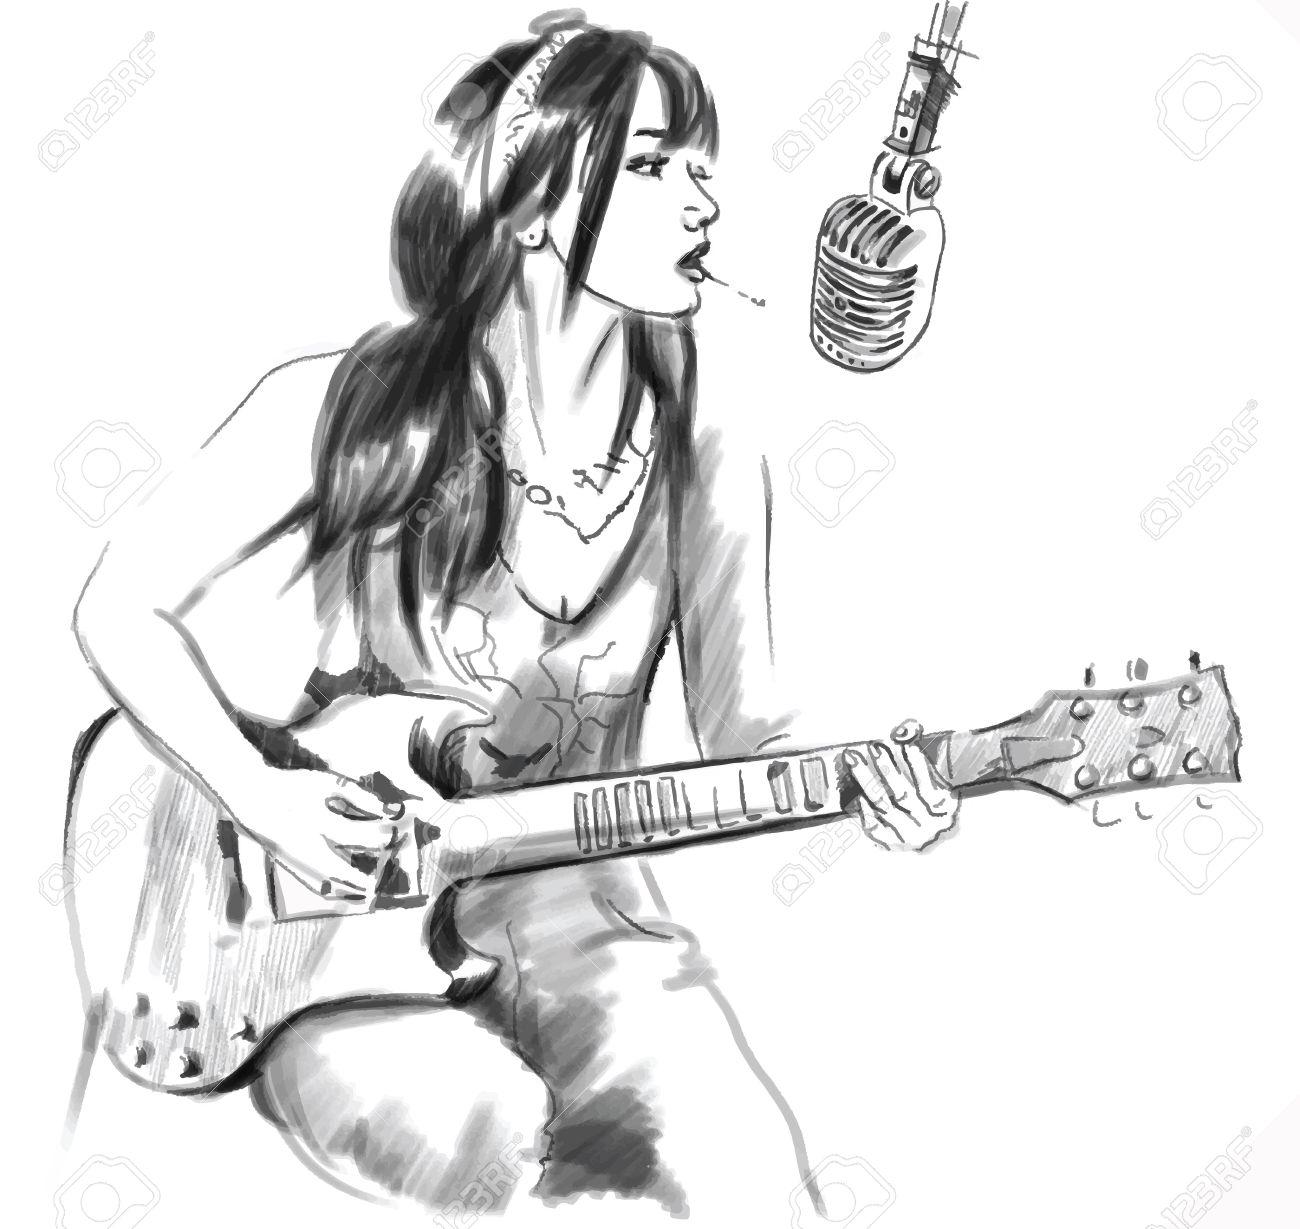 Une Illustration Tiree Par La Main Serie De Fumer Jeune Femme